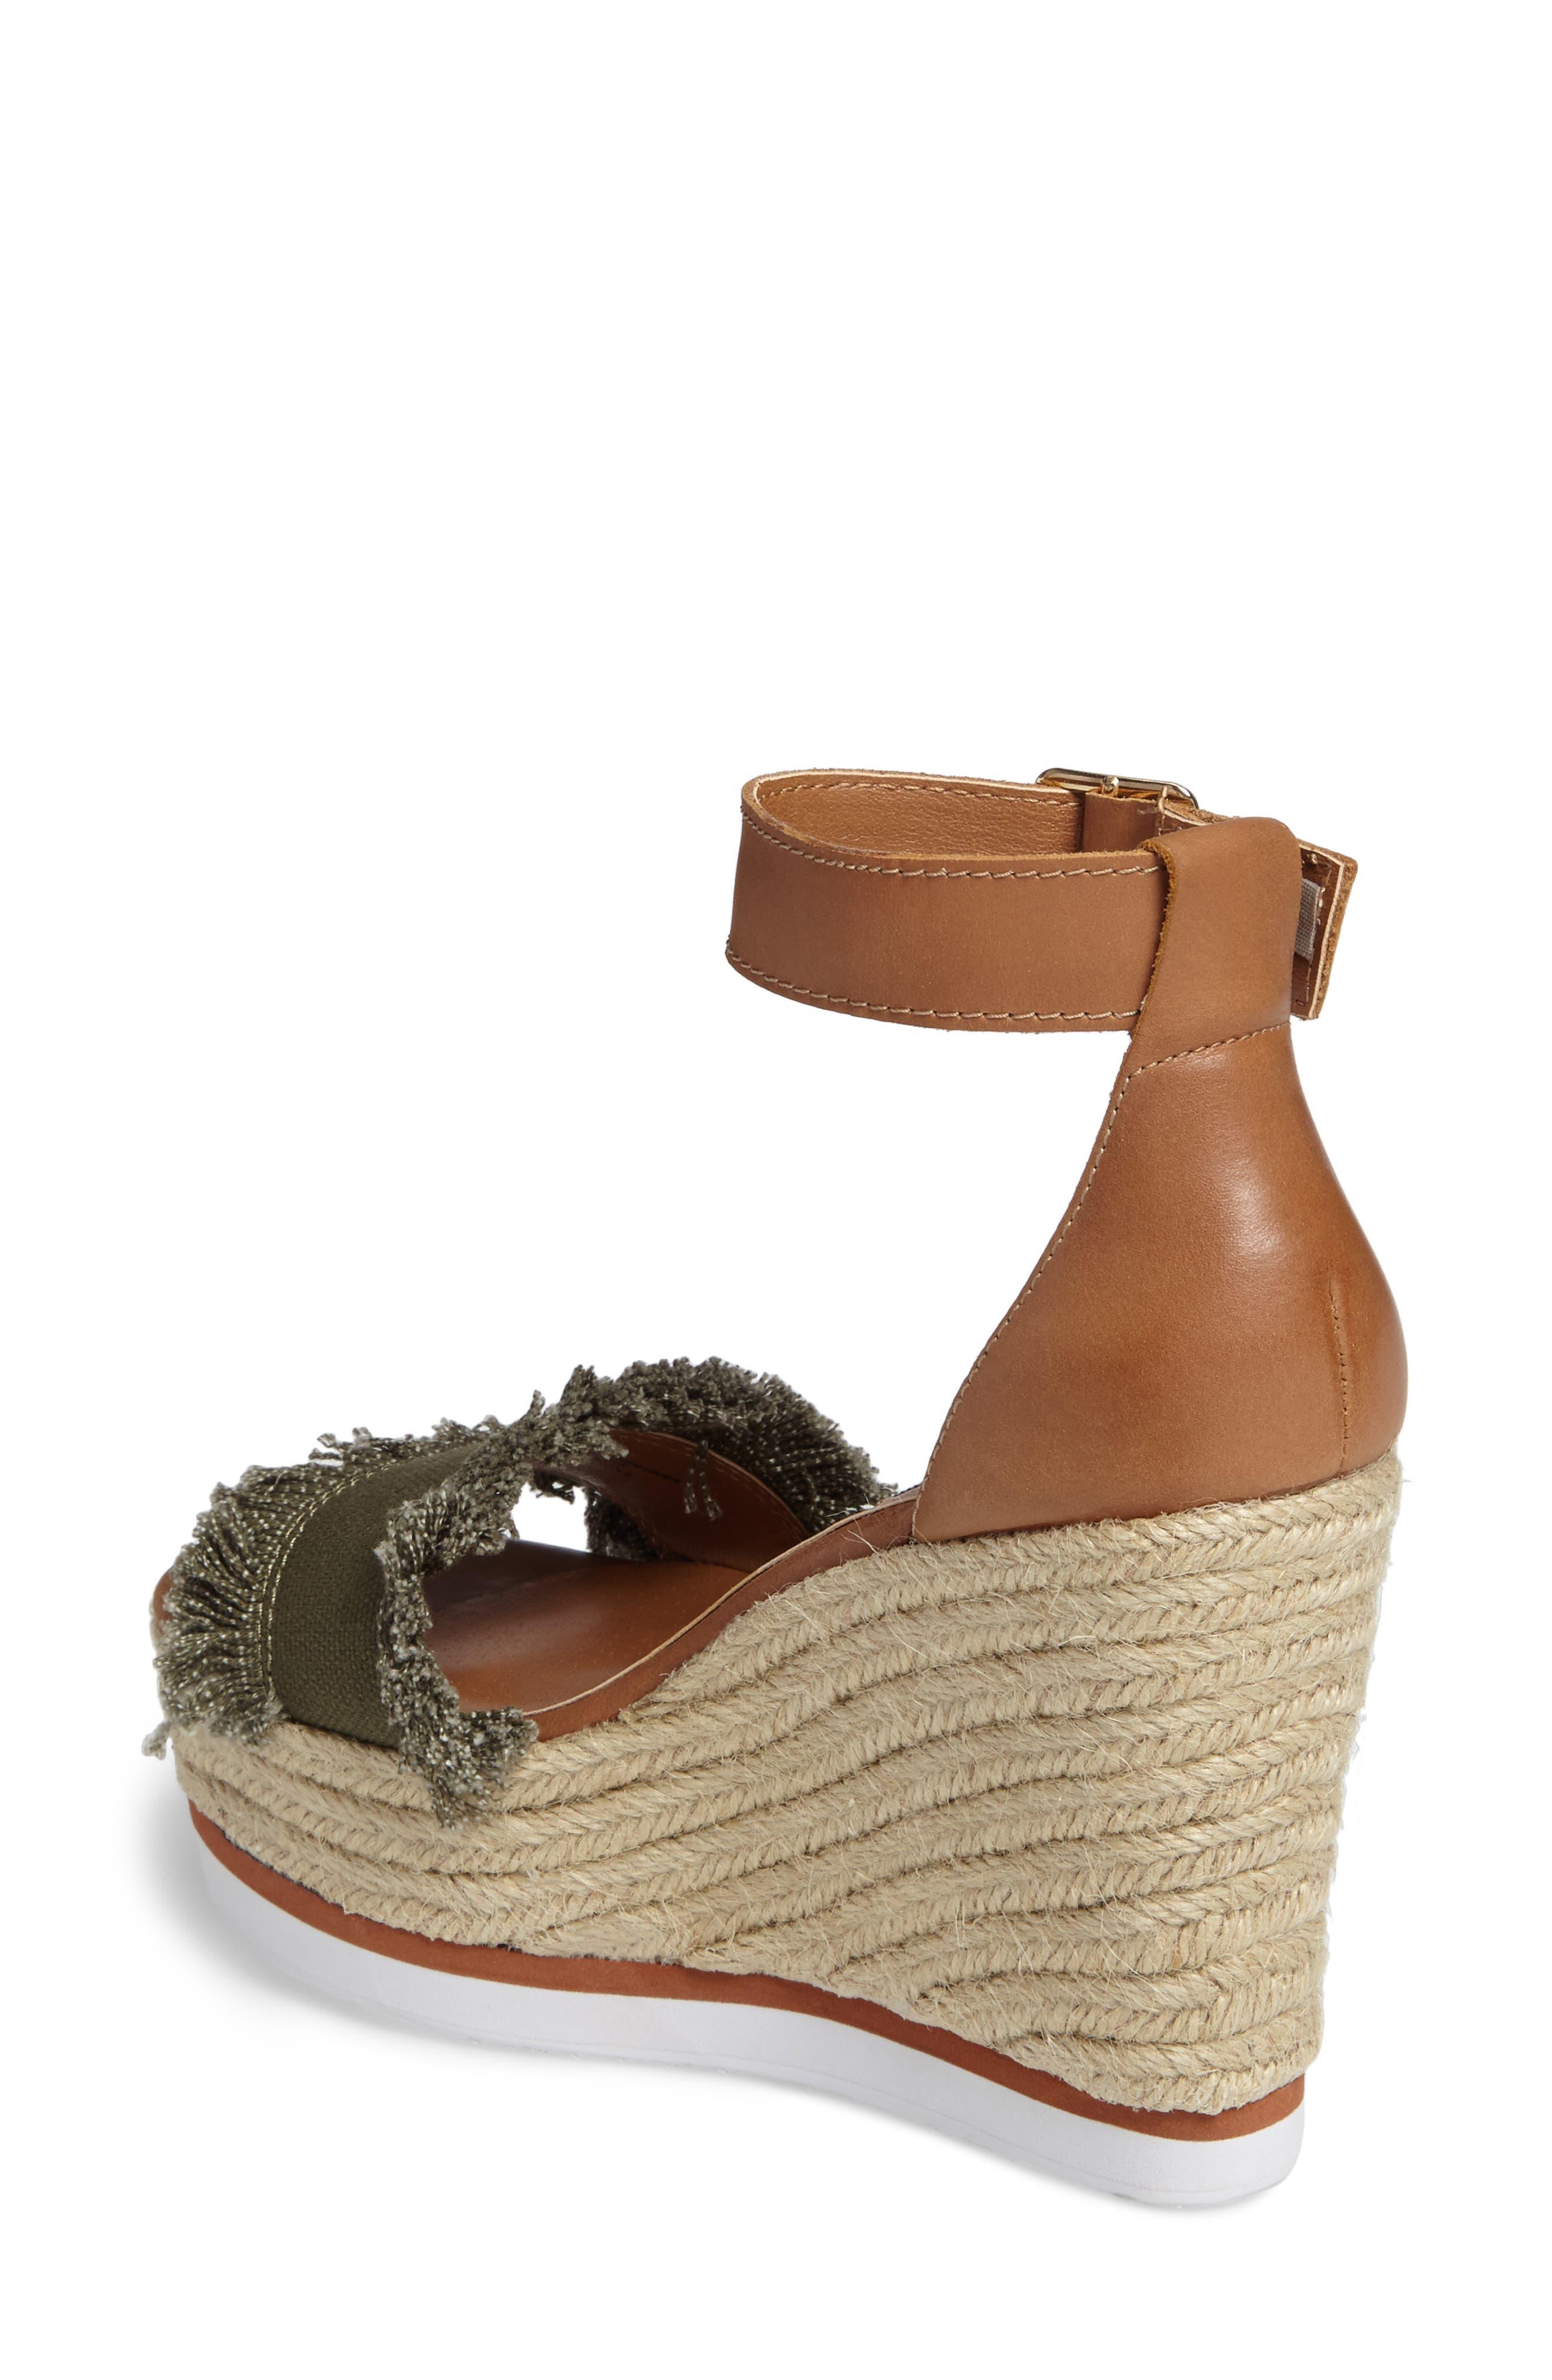 Valley Fringed Platform Wedge Sandal,                             Alternate thumbnail 2, color,                             Olive Fab